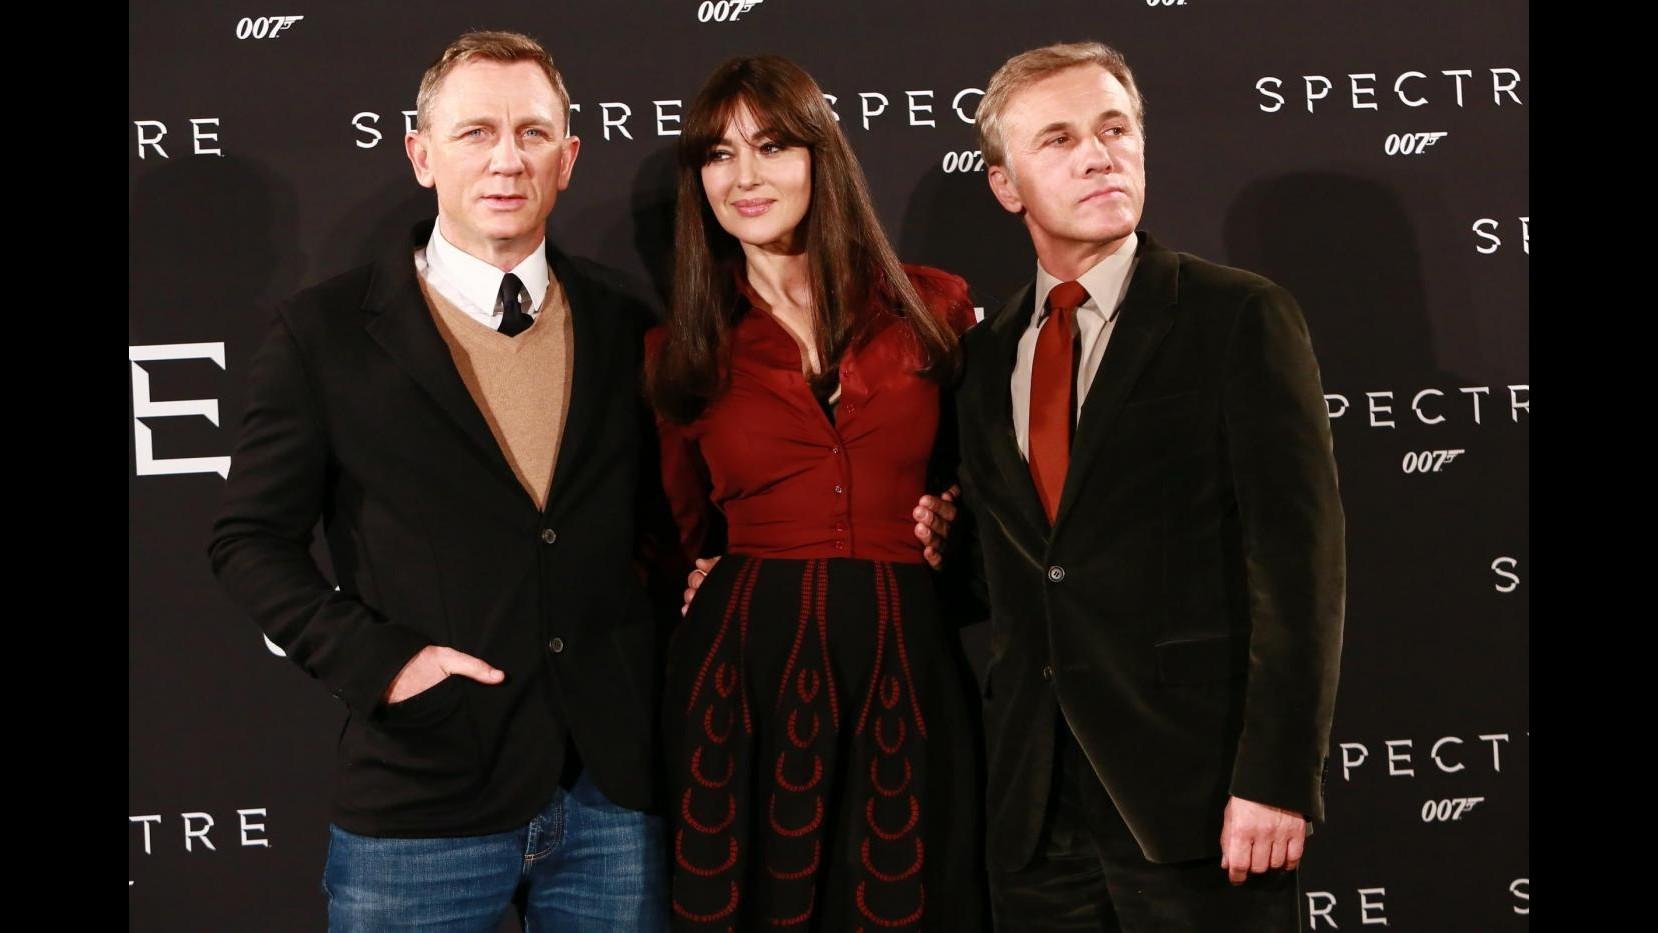 Spectre, a Roma l'ultimo Bond. Red carpet con Craig e Bellucci